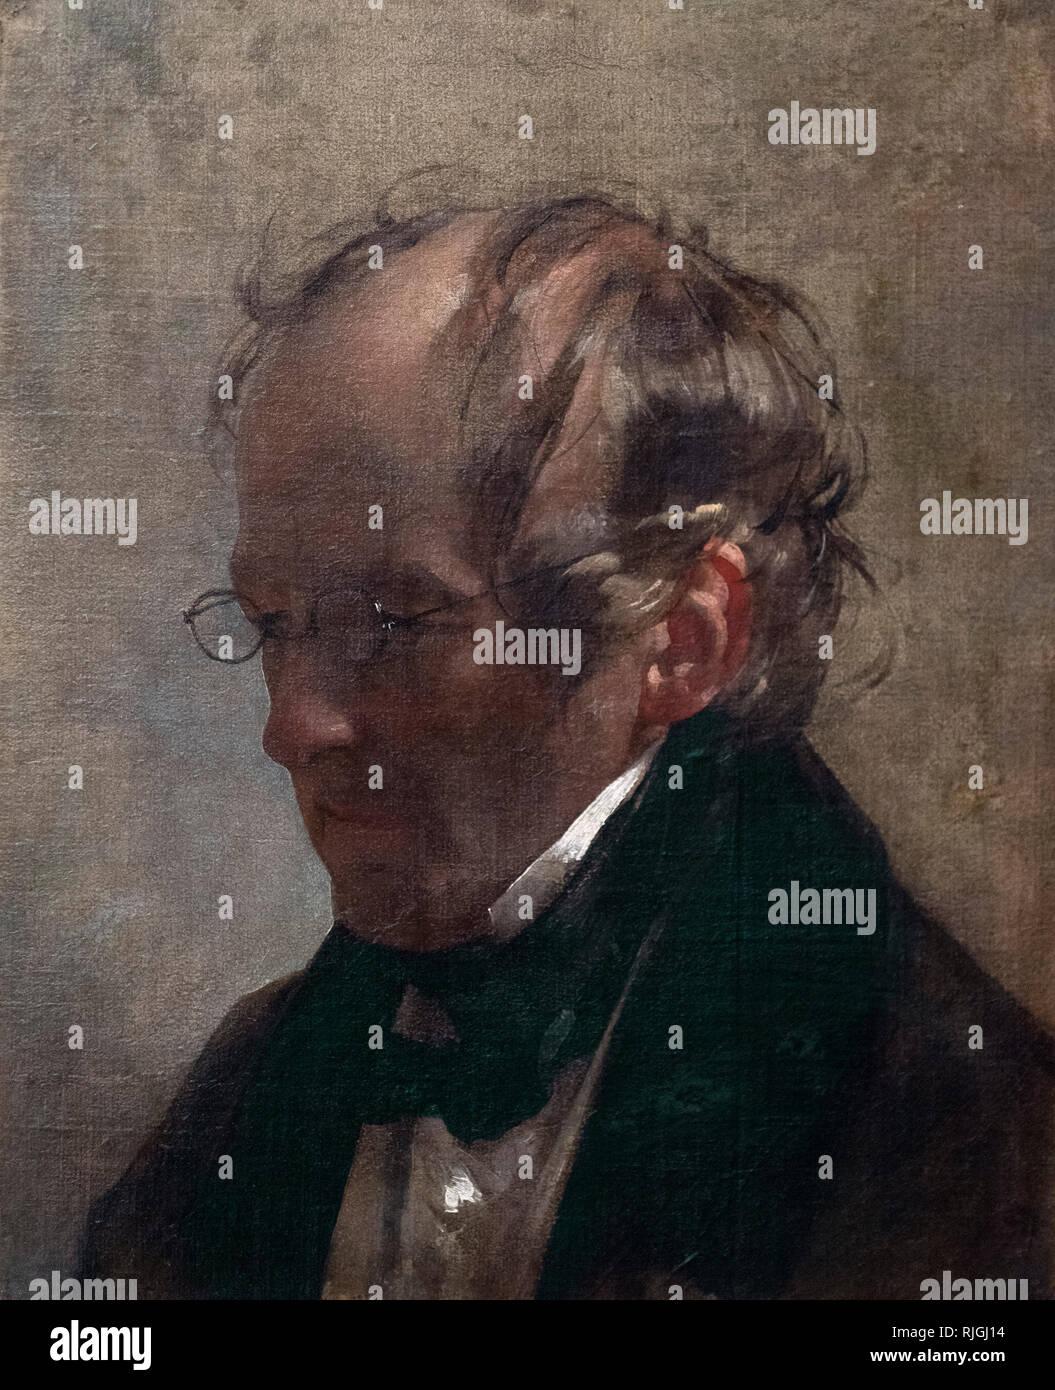 Friedrich von Amerling (1803-1887), Portrait of Carl Christian Vogel von Vogelstein (1788-1868), 1837. Alte Nationalgalerie, Berlin, Germany. - Stock Image